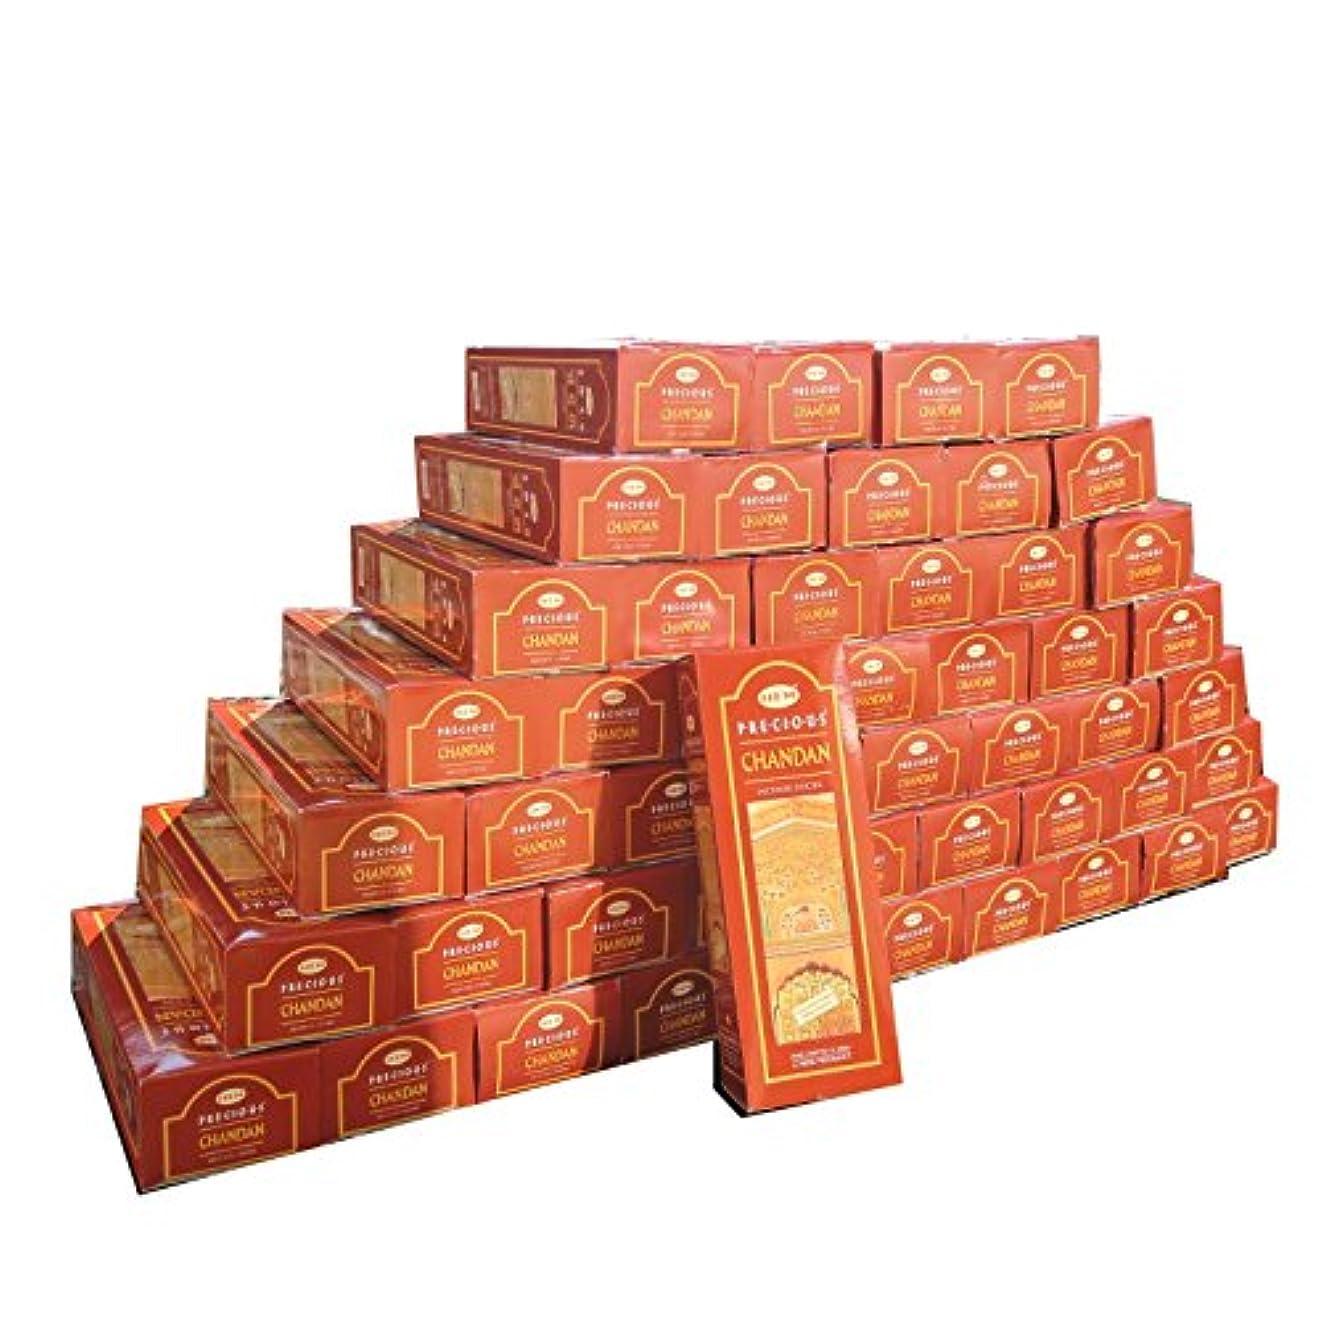 協定非公式民主主義業務用 インドスティック形お香 プレシャスチャンダン 300箱入り